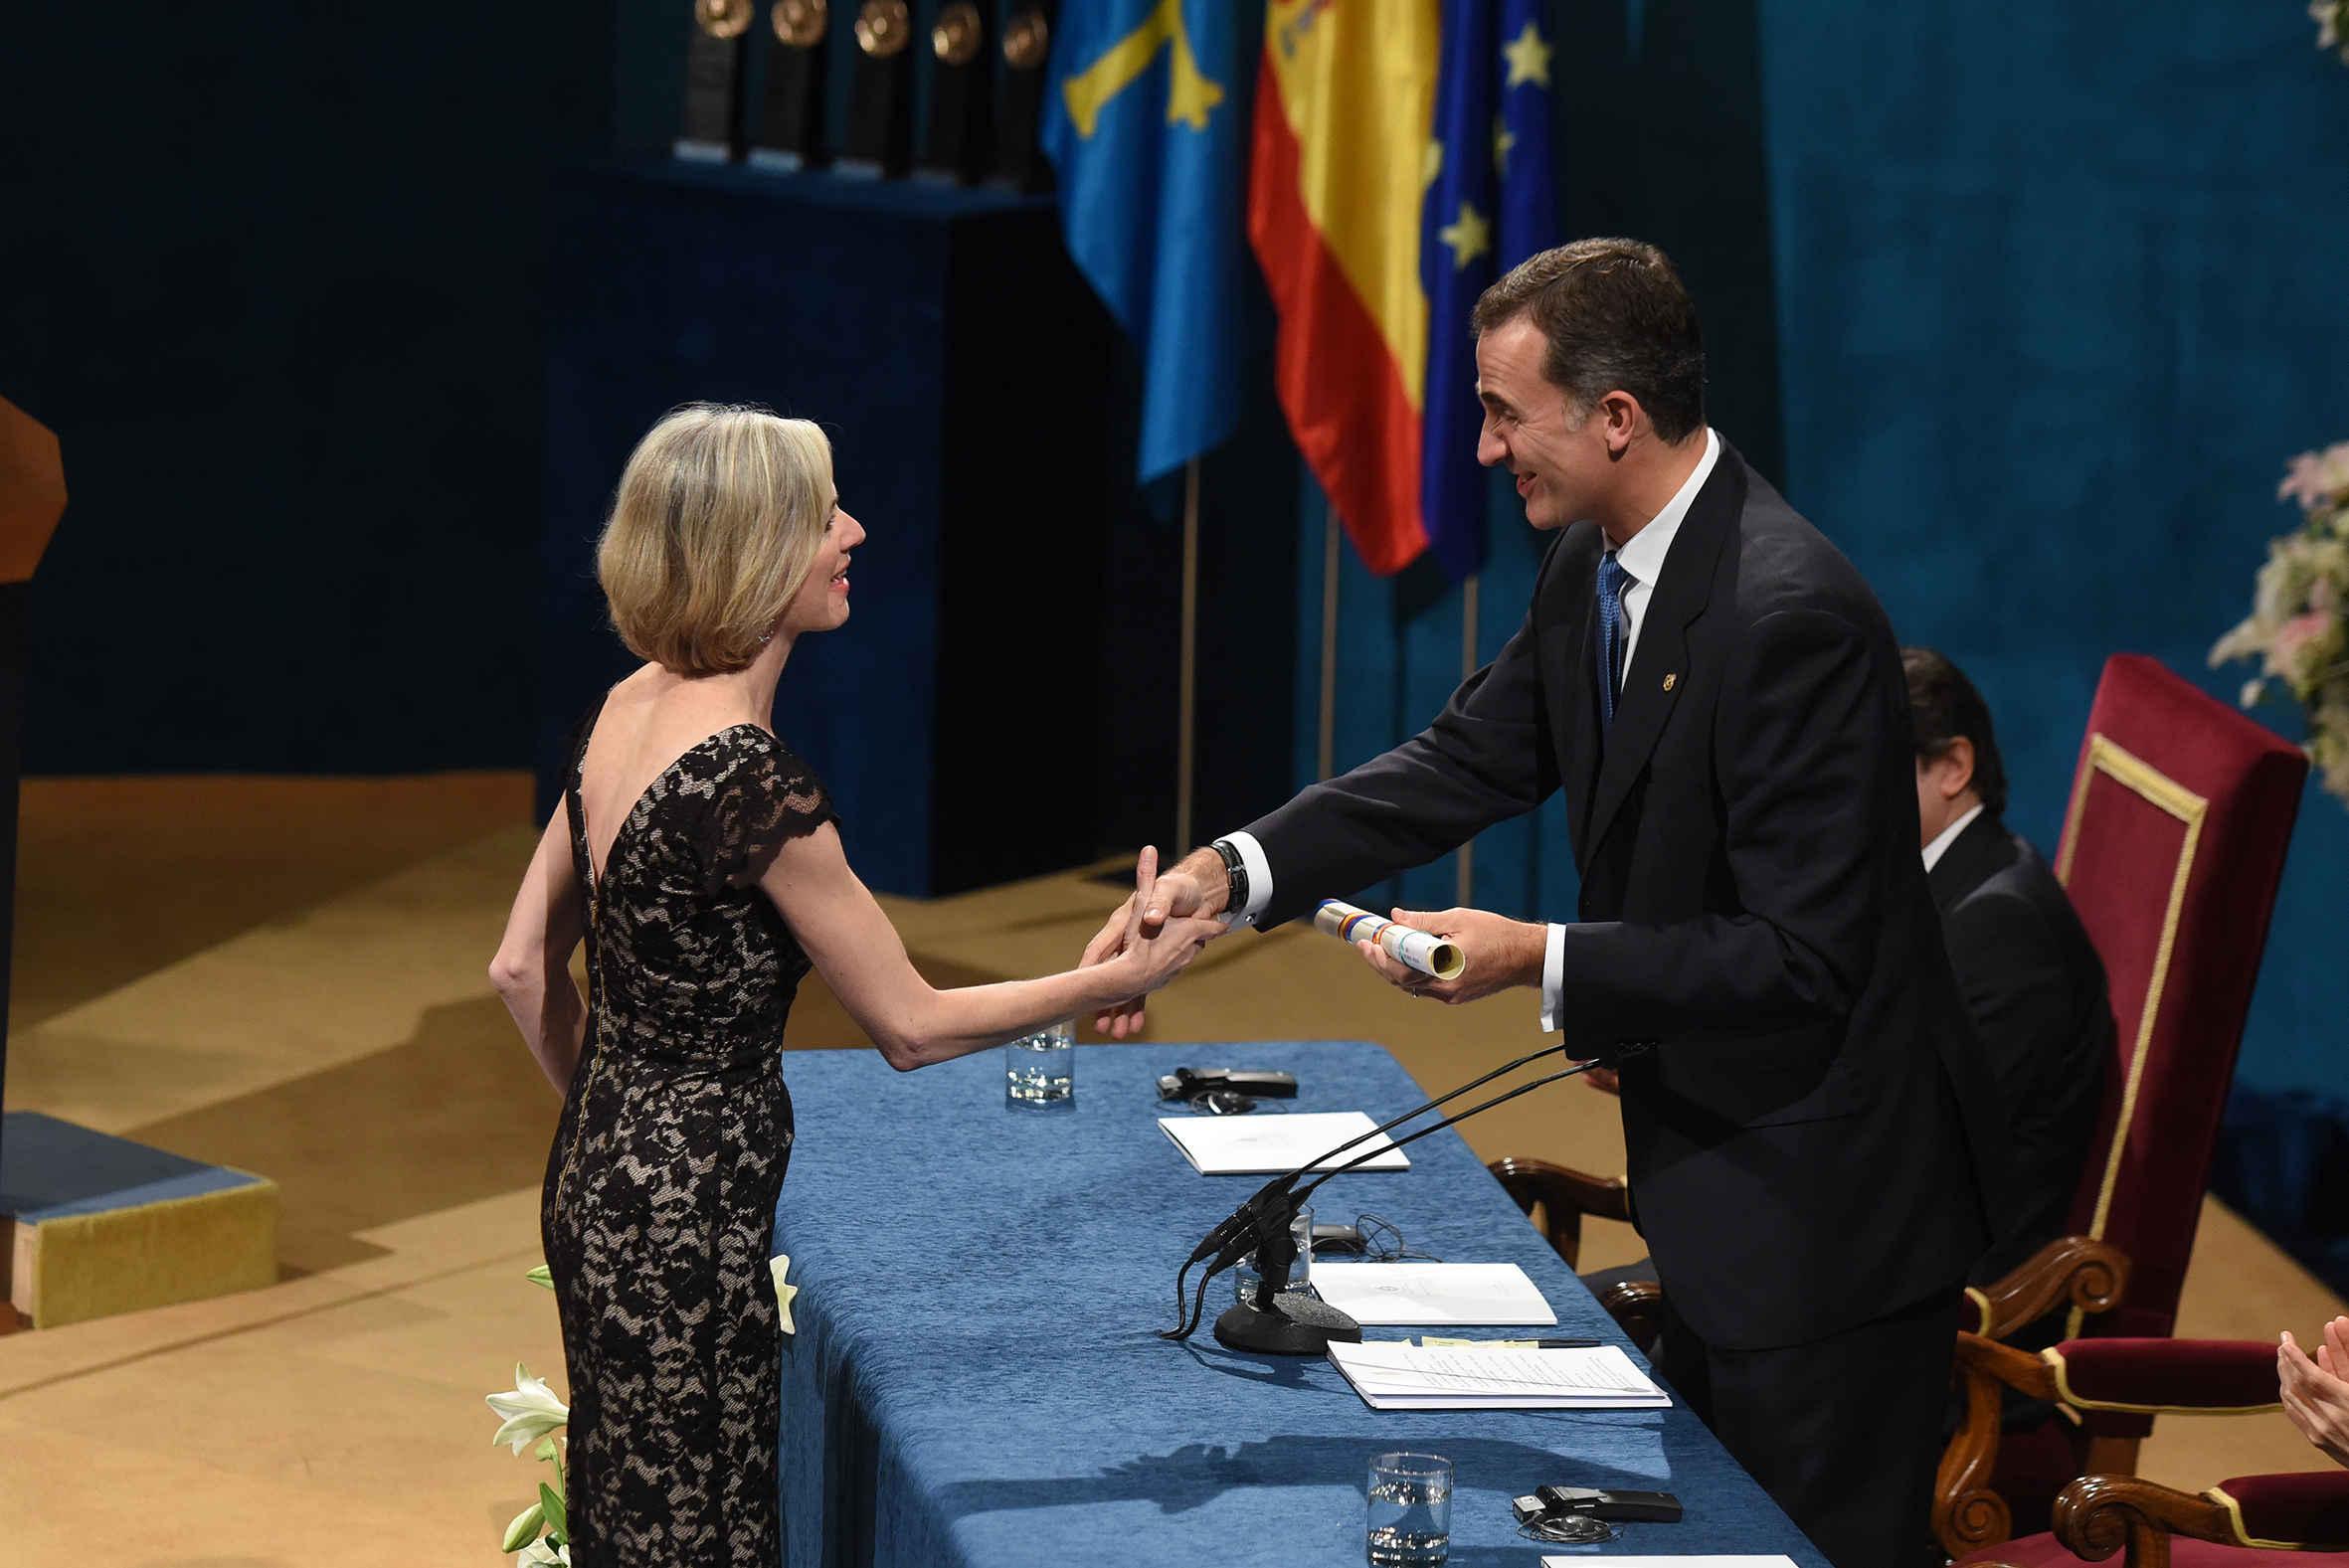 2015 Princess of Asturias Awards